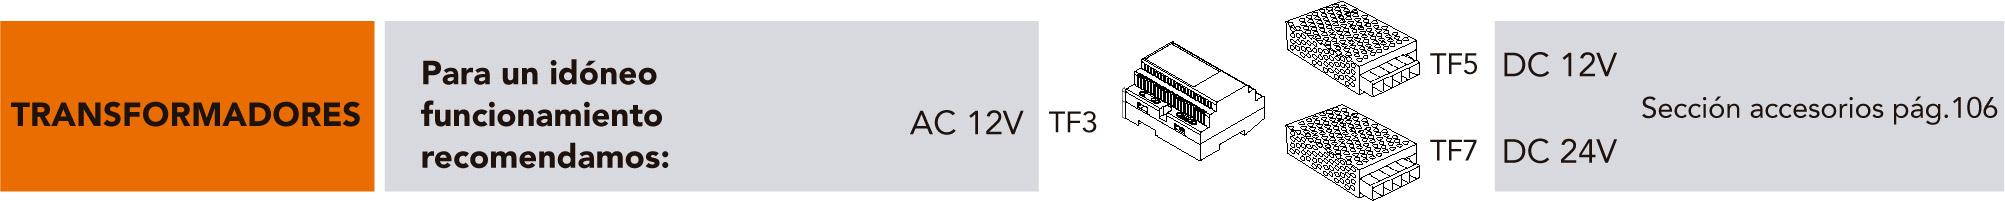 V10_transformadores